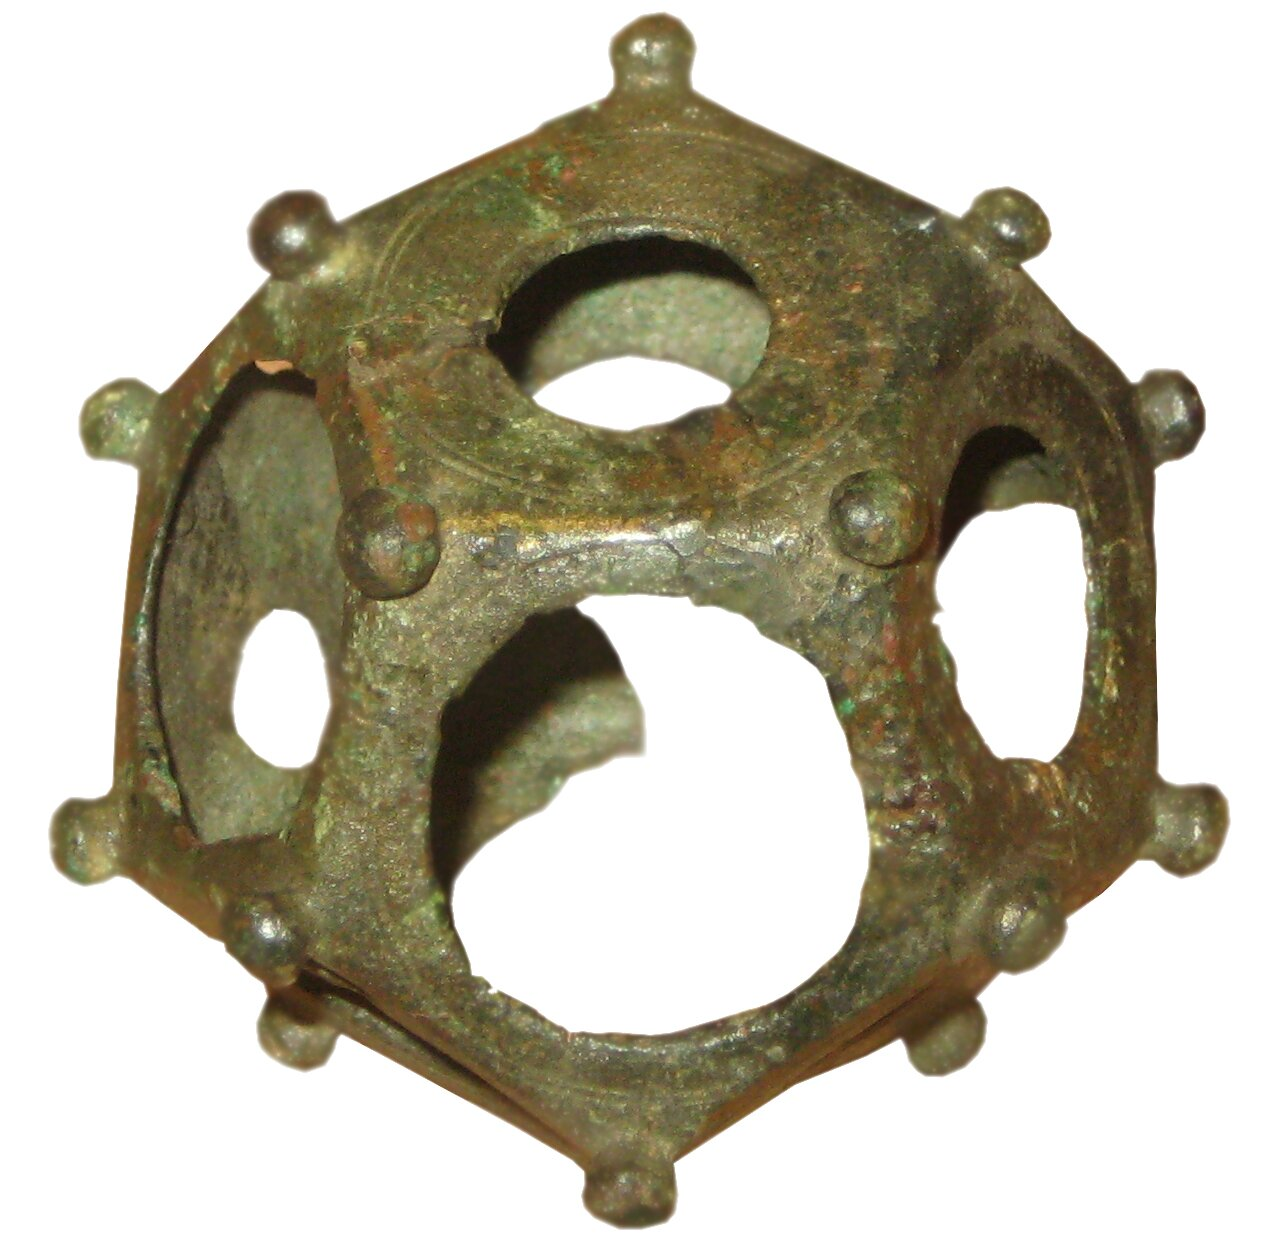 Przedmiot zbrązu zterenów Szwajcarii, zI–II w. n.e. Jest to tzw. dodecahedron, zgrecka dwunastościan Przedmiot zbrązu zterenów Szwajcarii, zI–II w. n.e. Jest to tzw. dodecahedron, zgrecka dwunastościan Źródło: Iijjccoo, Wikimedia Commons, licencja: CC BY-SA 3.0.